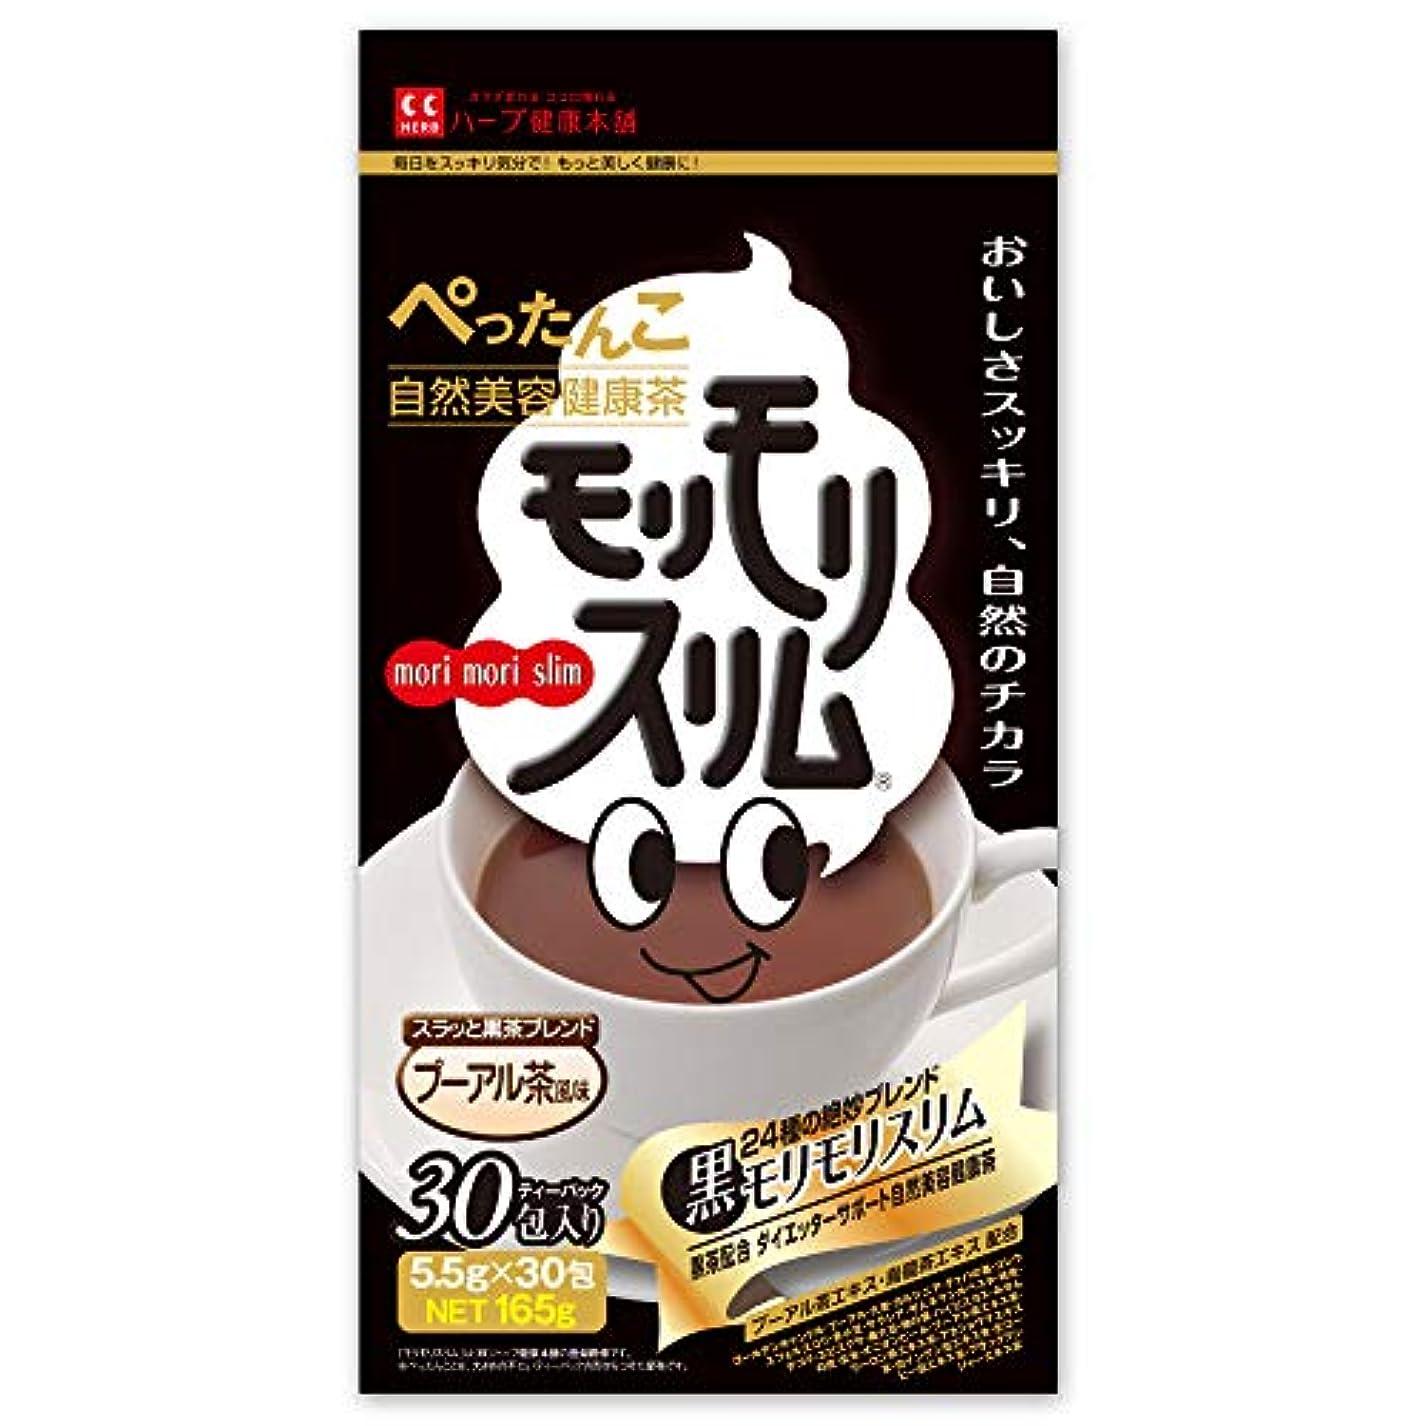 先祖続けるトレイルハーブ健康本舗 黒モリモリスリム(プーアル茶風味) (30包)